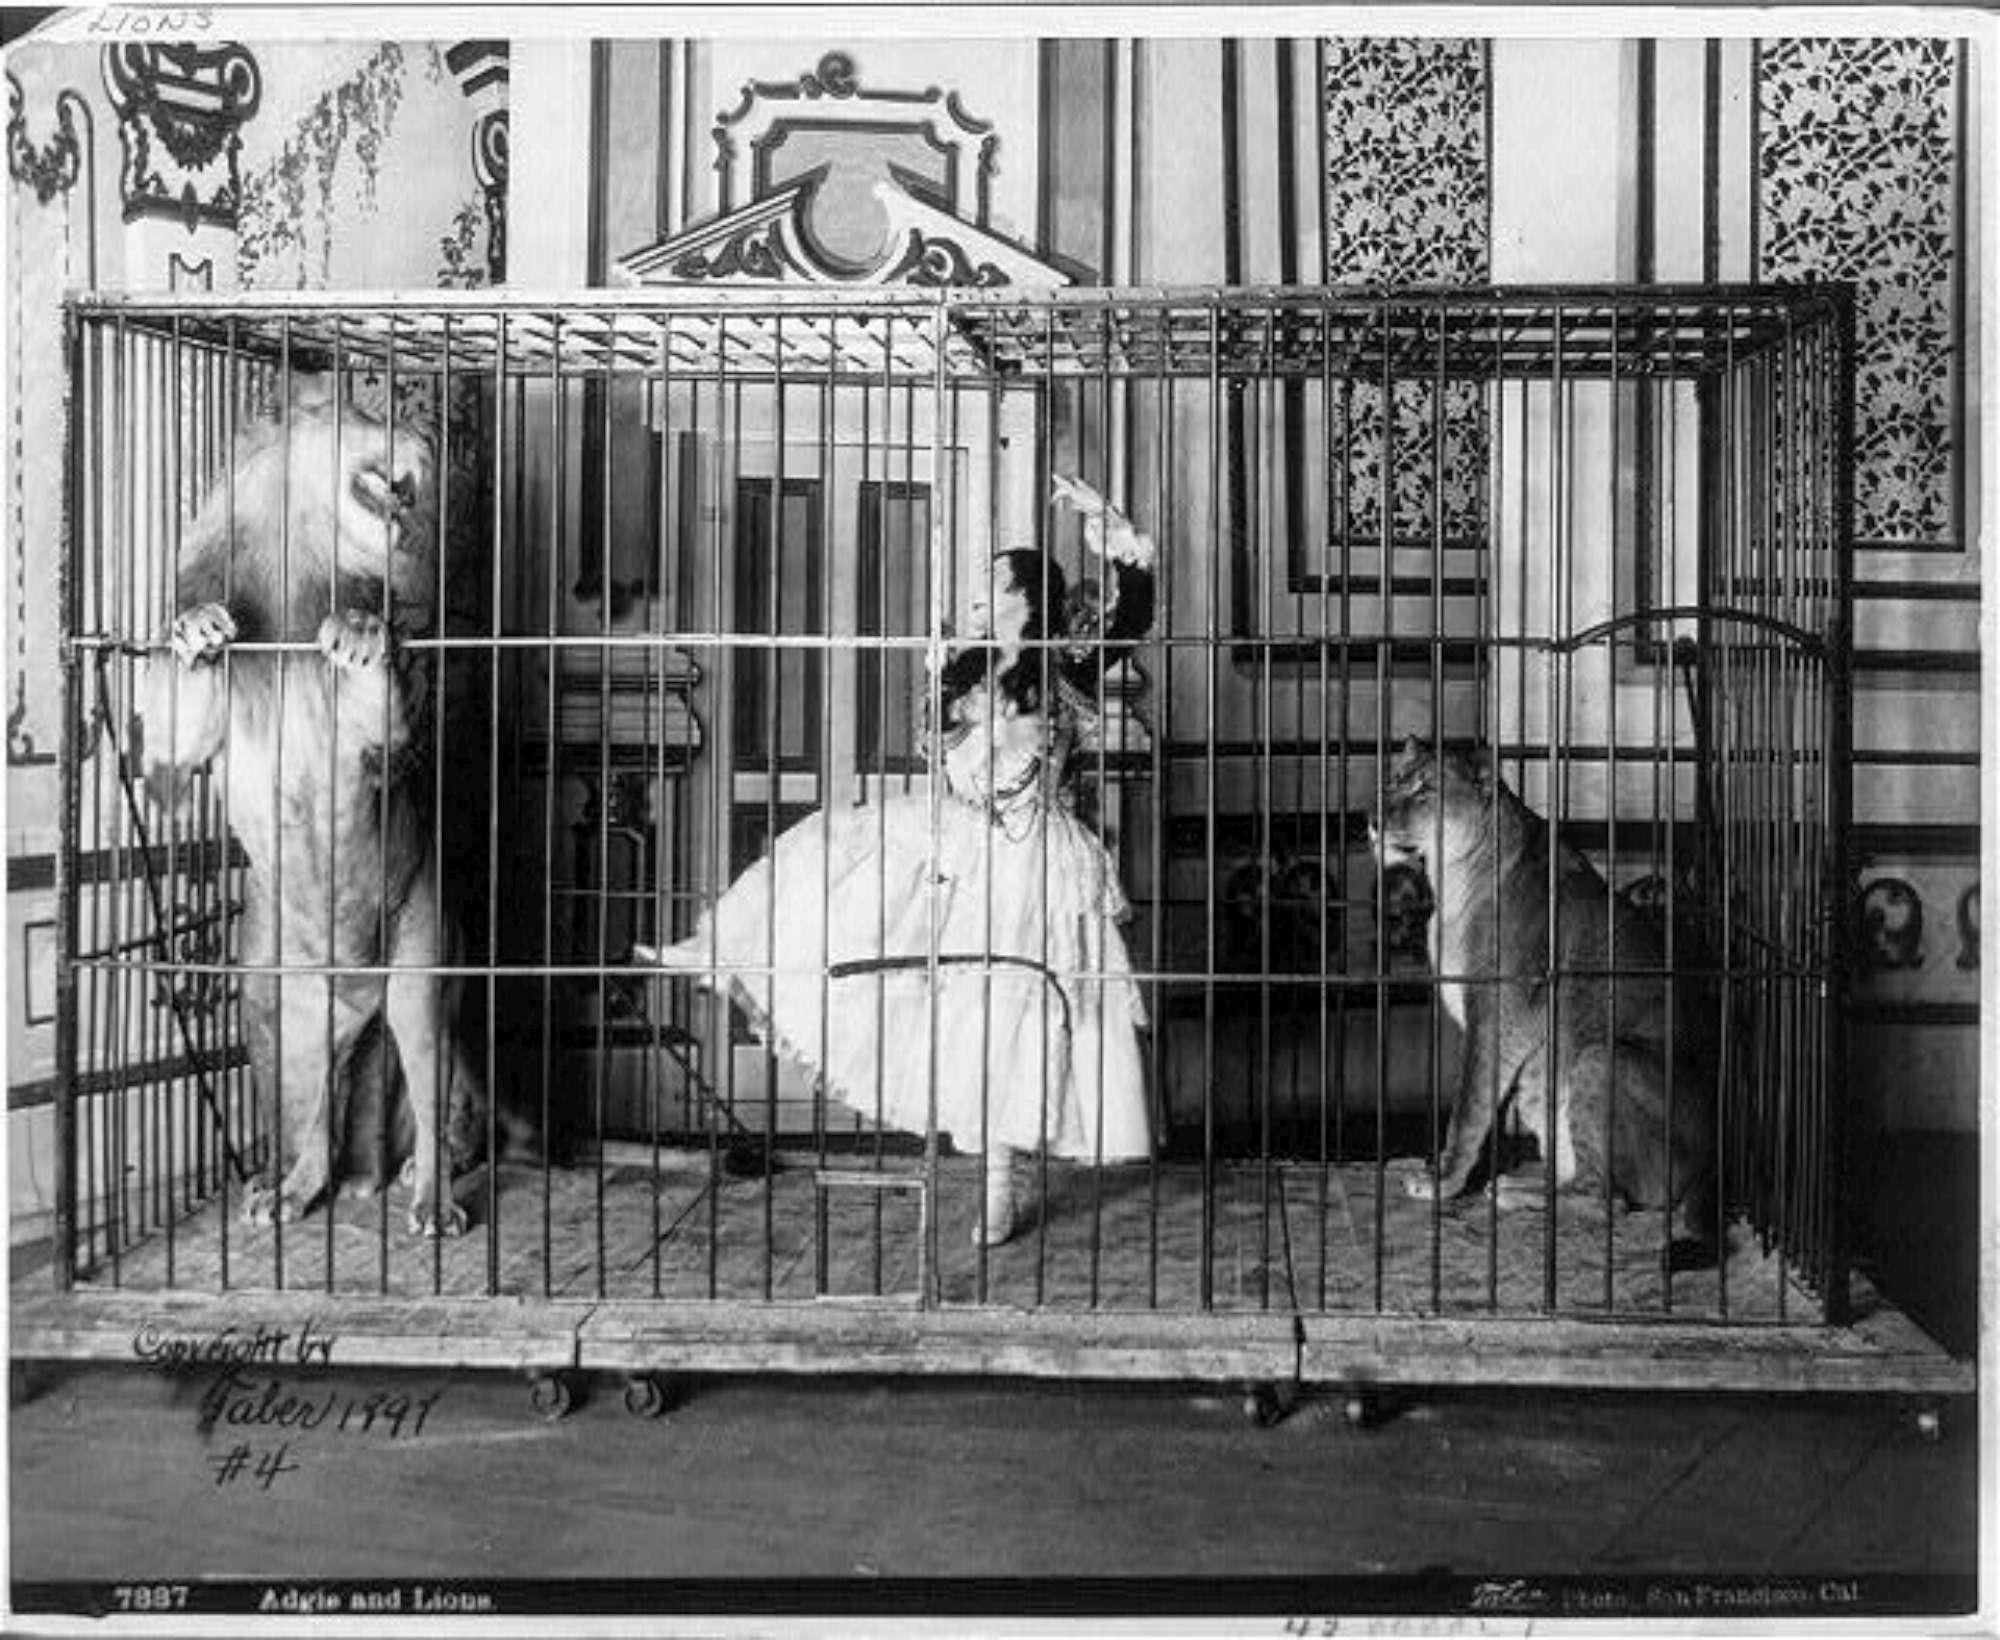 Circo degli animali, le immagini storiche di fine  800